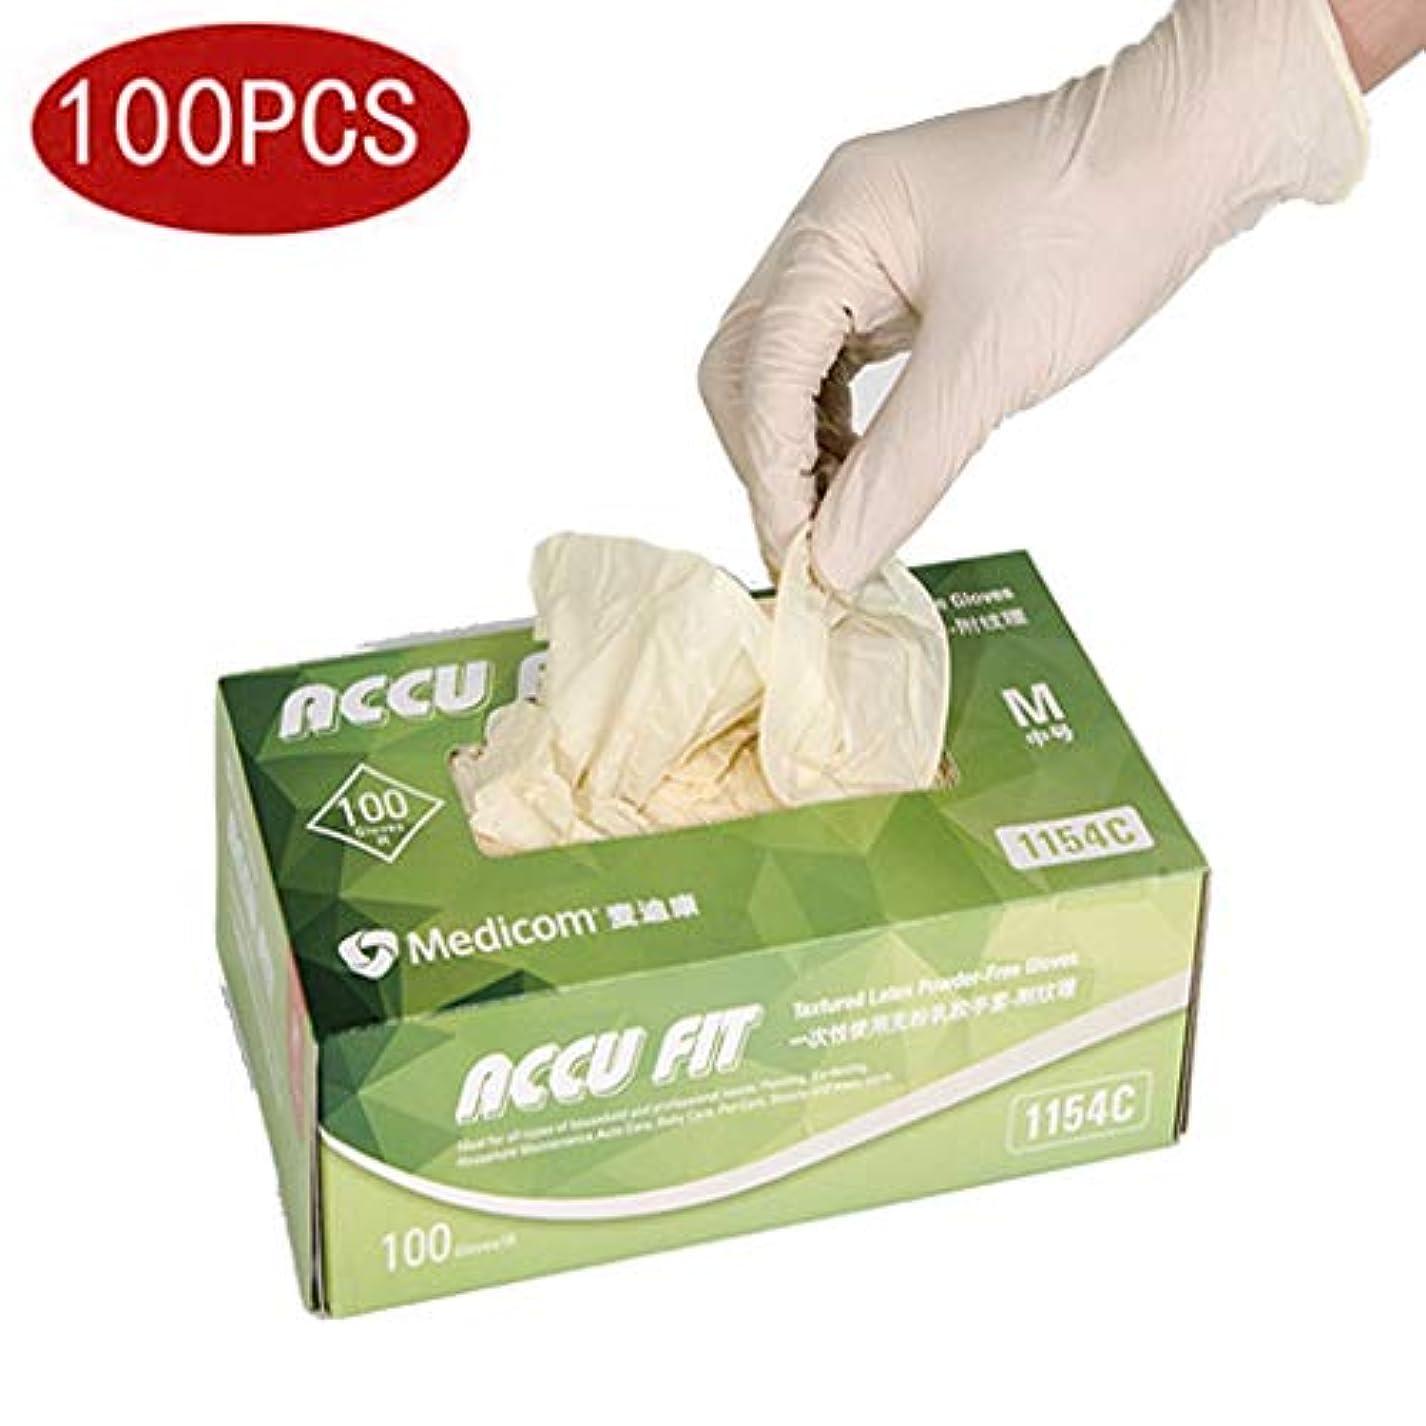 連鎖反射バッテリー9インチ使い捨てラテックス手袋、箱入り、パウダーフリーゴム、滑り止めの清掃、労働保険検査用手袋|100の病院ボックスのプロフェッショナルグレード (Size : S)